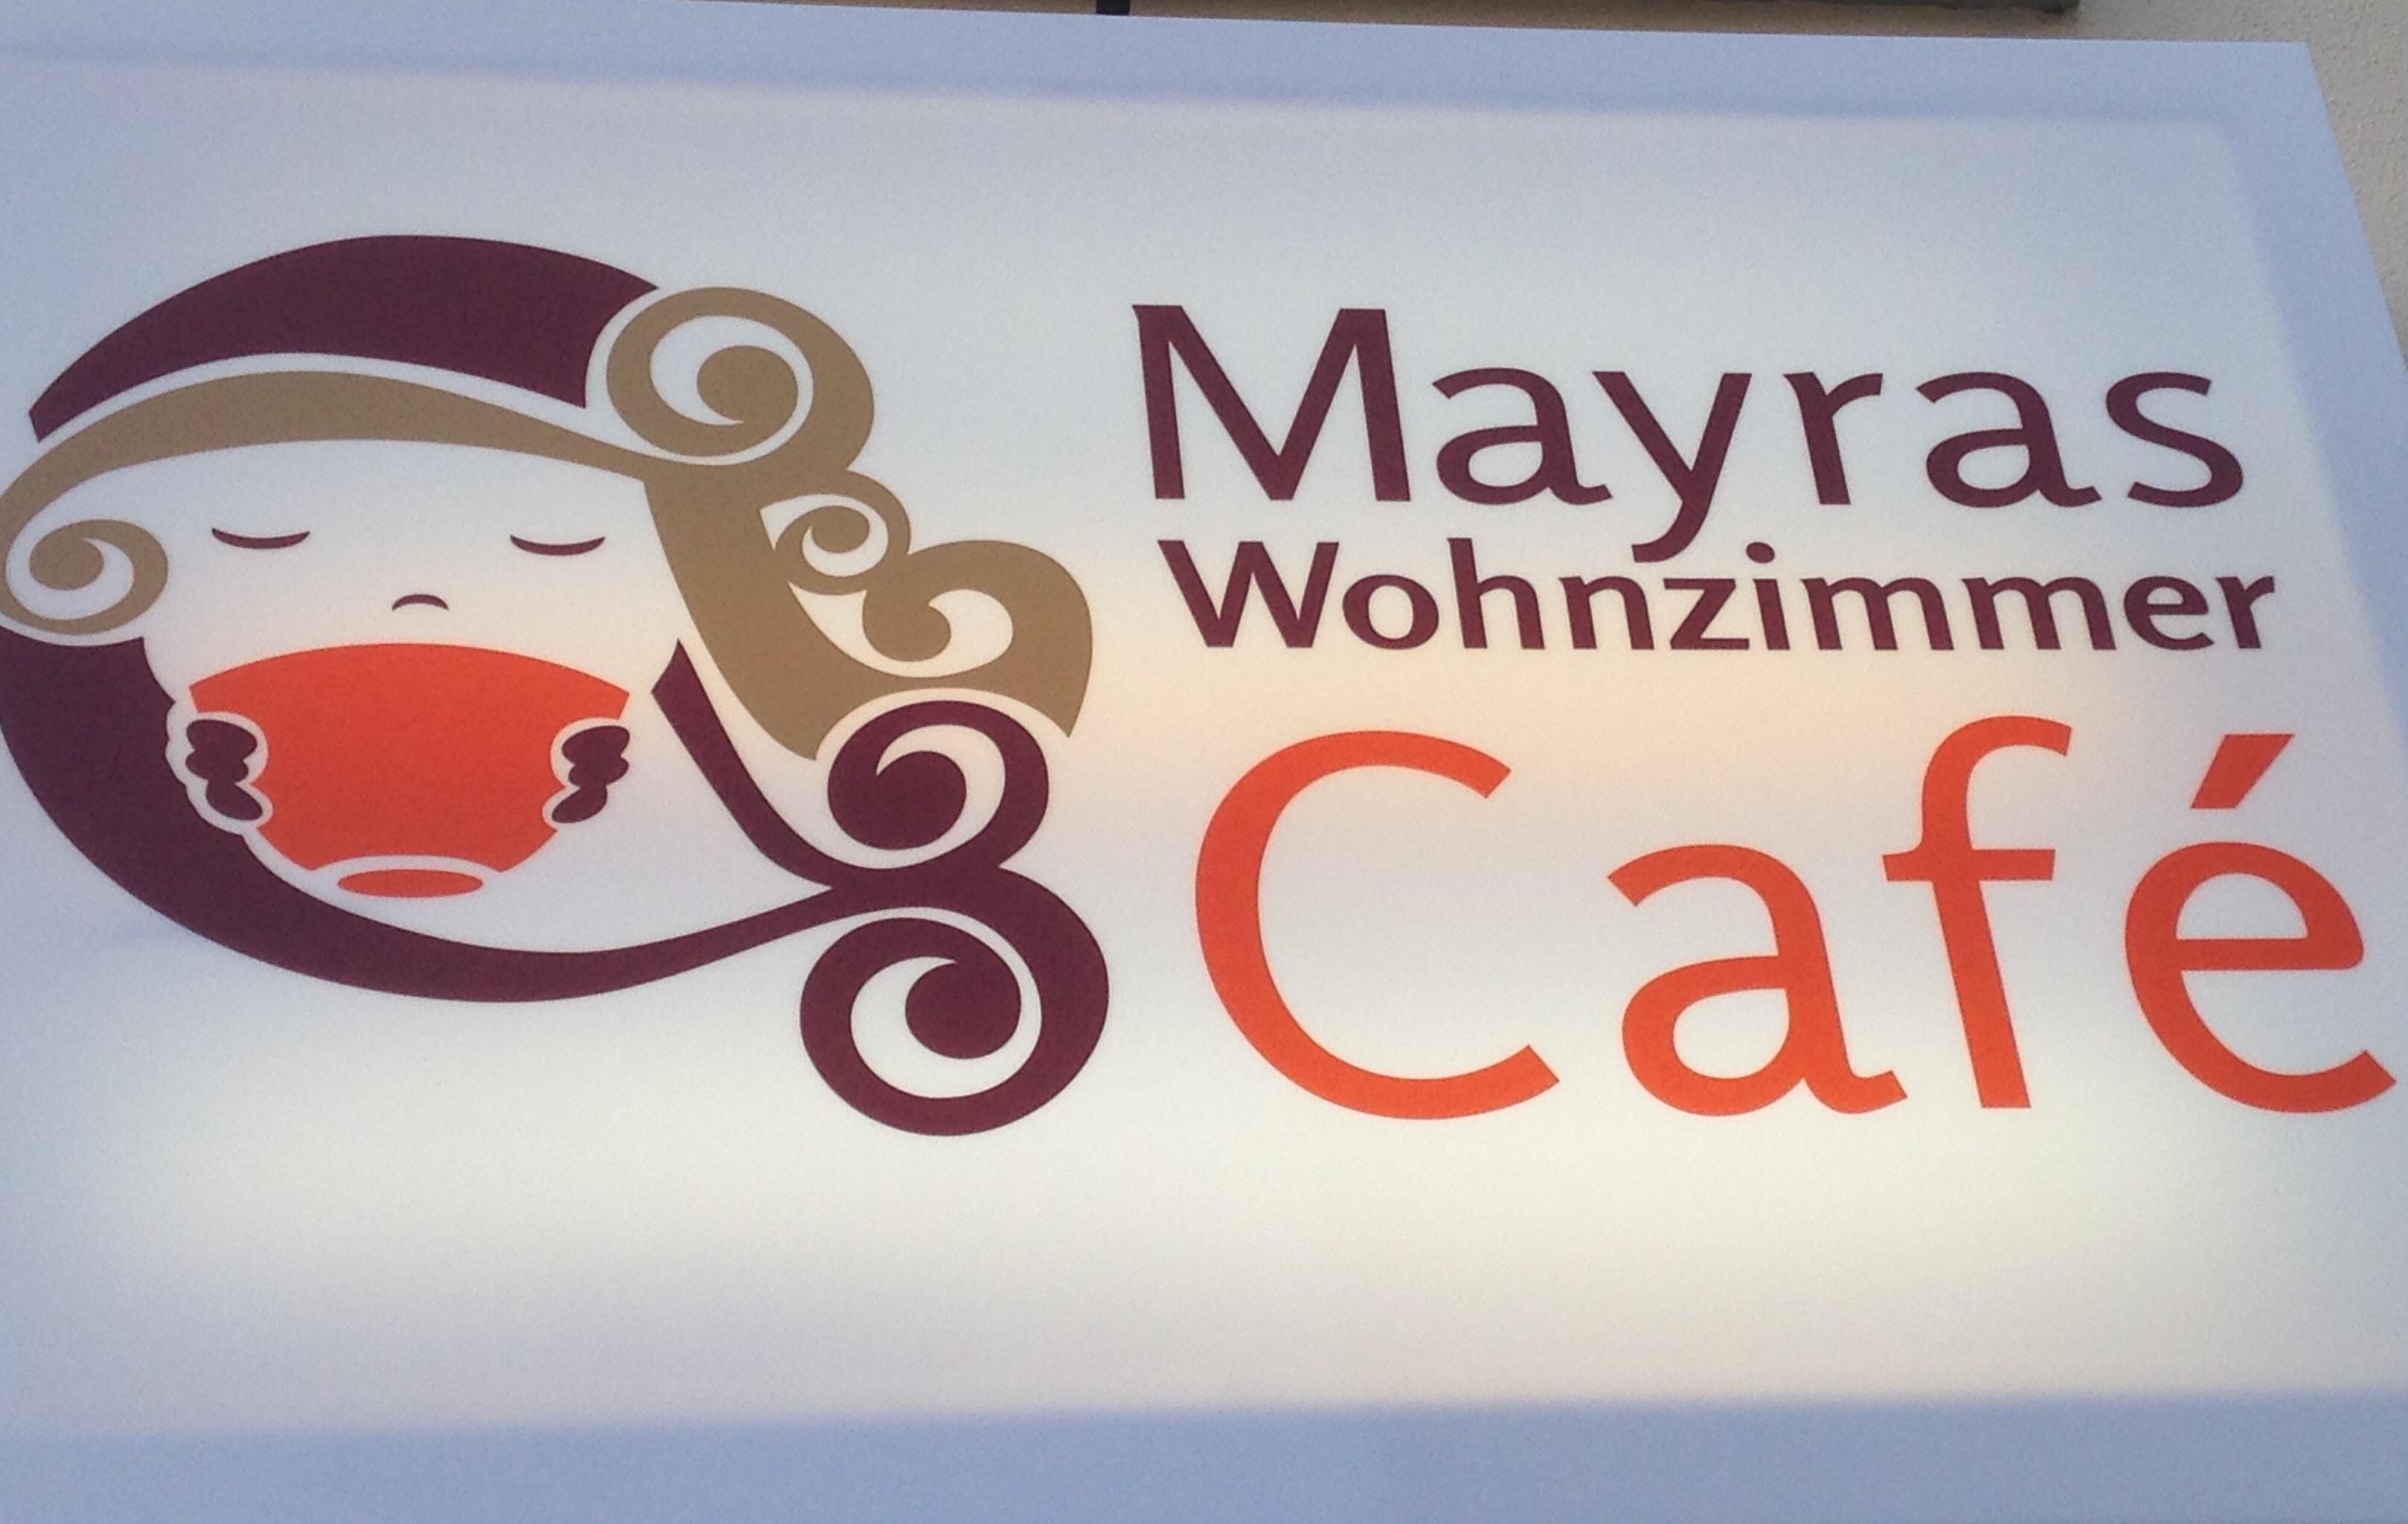 Mayras Wohnzimmer Cafe in Bonn | Travelingkinder